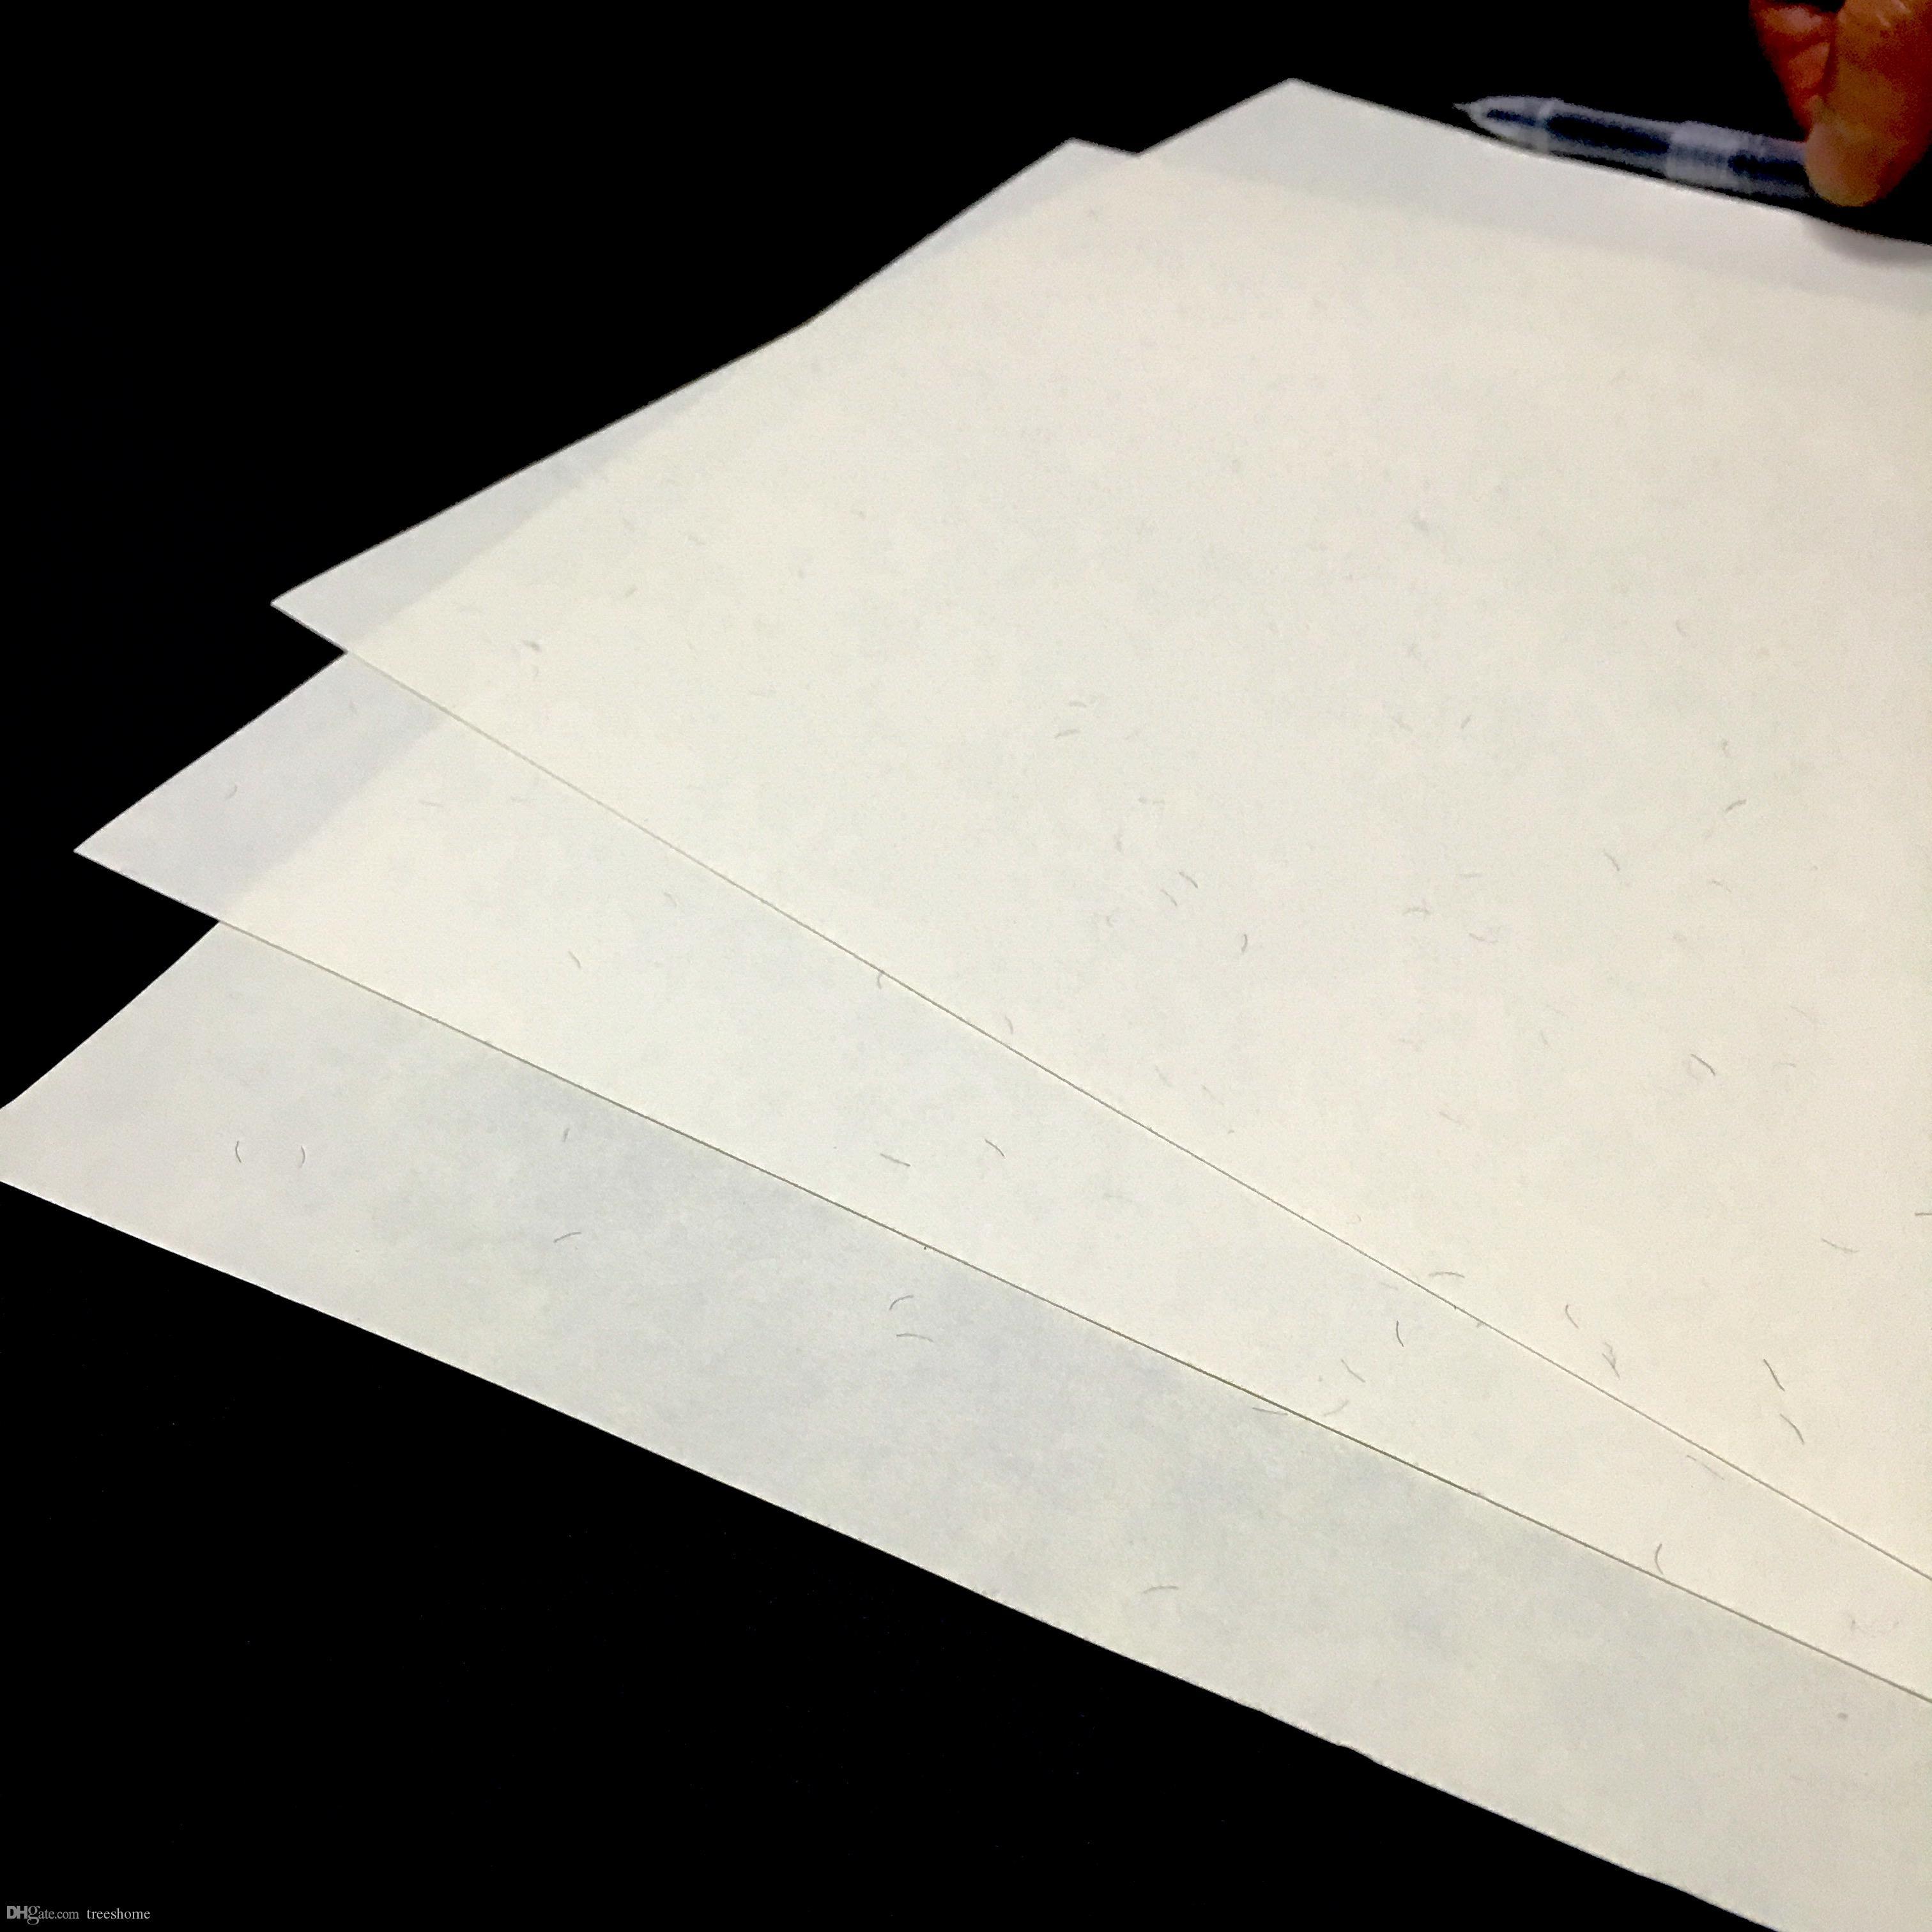 75% algodón, 25% lino, color marfil, papel A4, con fibra redblue, StarchAcid, 85gsm impermeable para imprimir billetes / billetes / dinero / certificado